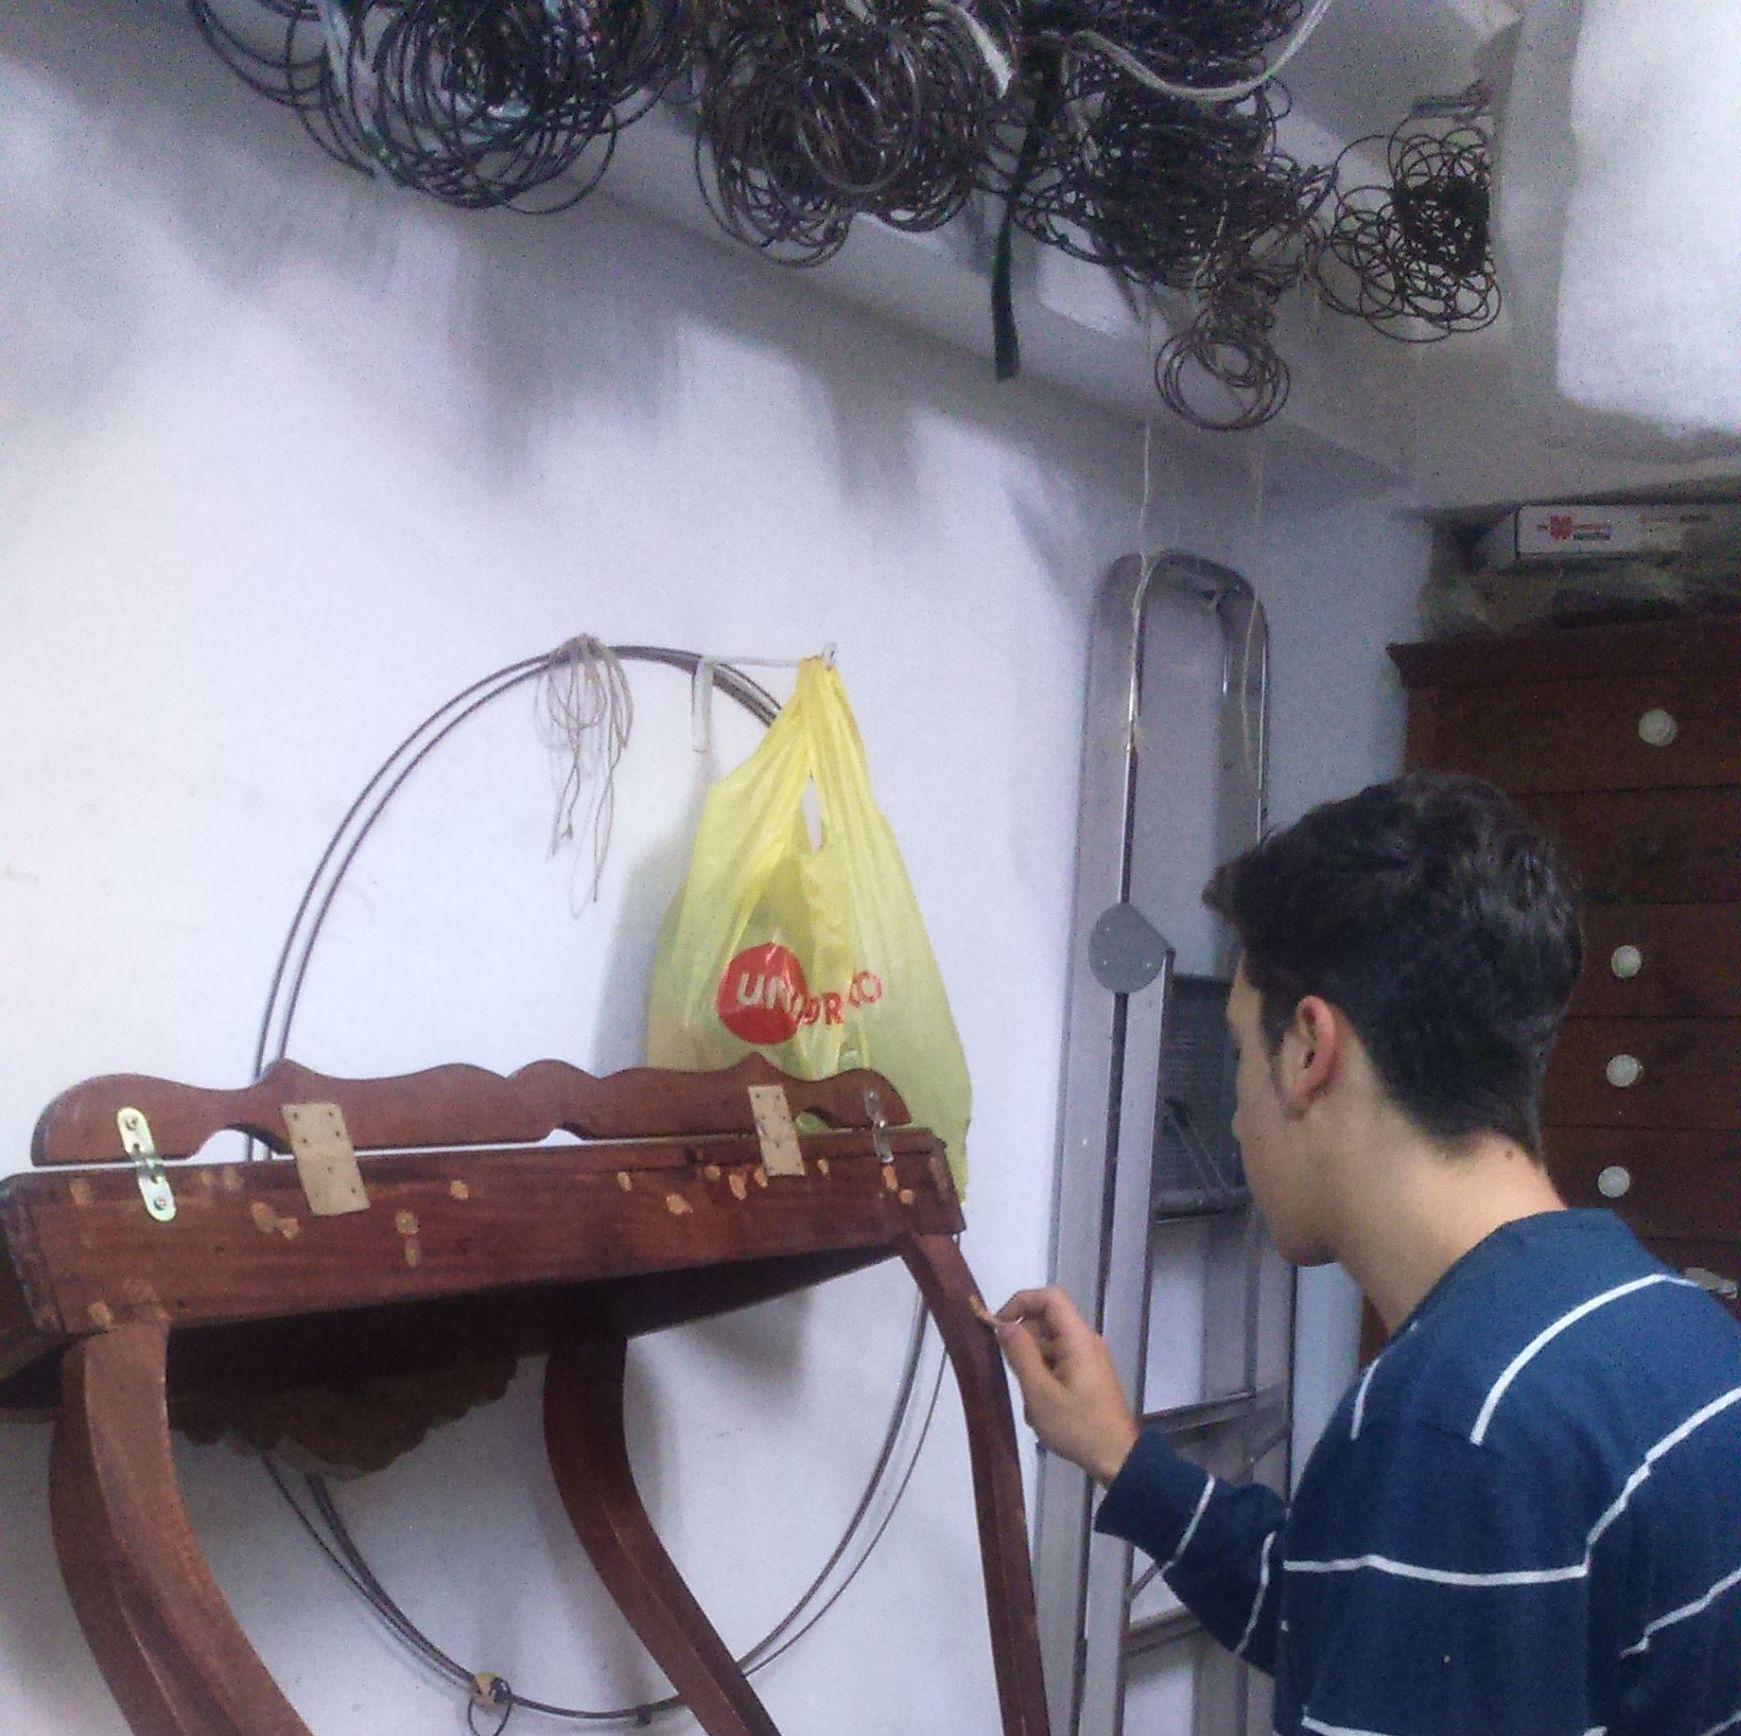 tratamiento de carcoma y restauracion del mueble